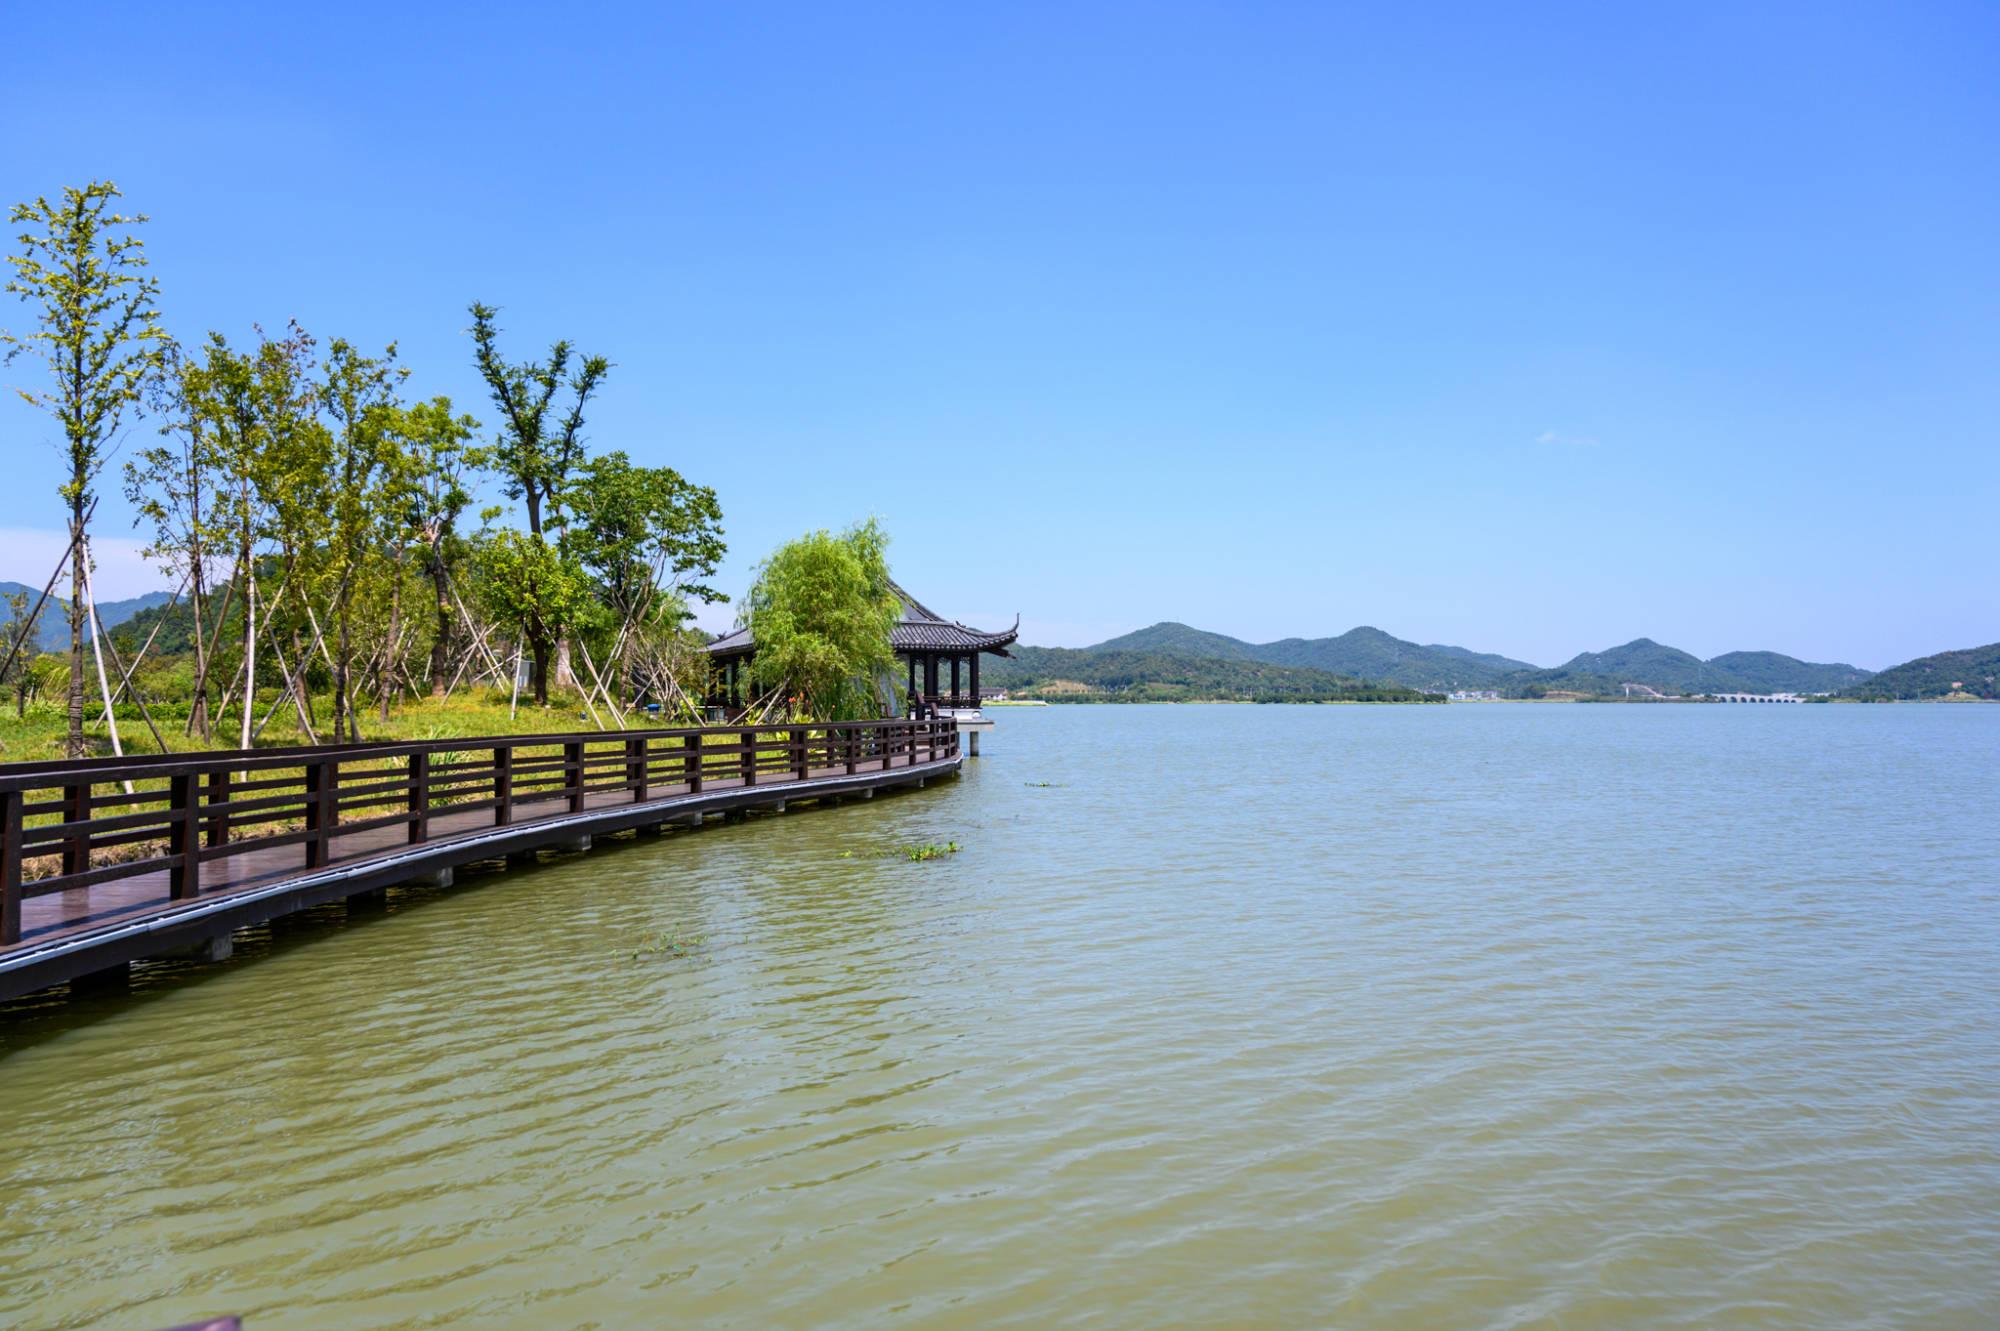 上虞第一大淡水湖皂李湖,可与杭州西湖